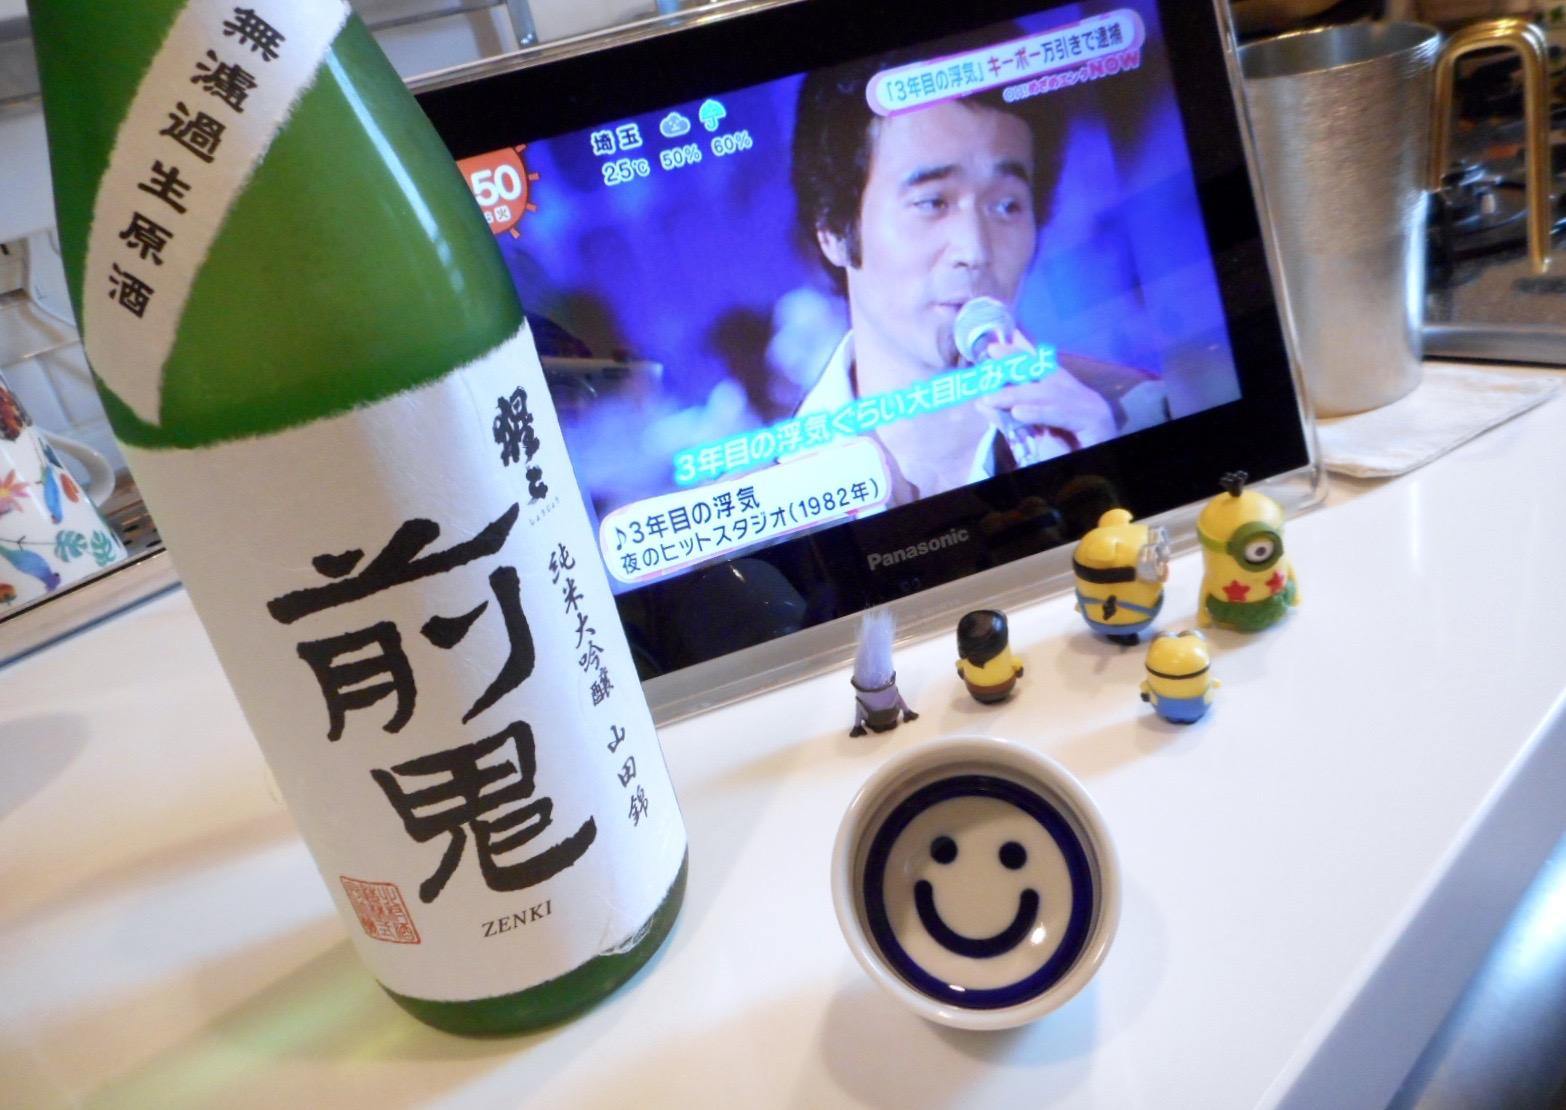 syoujou_zenki27by1.jpg